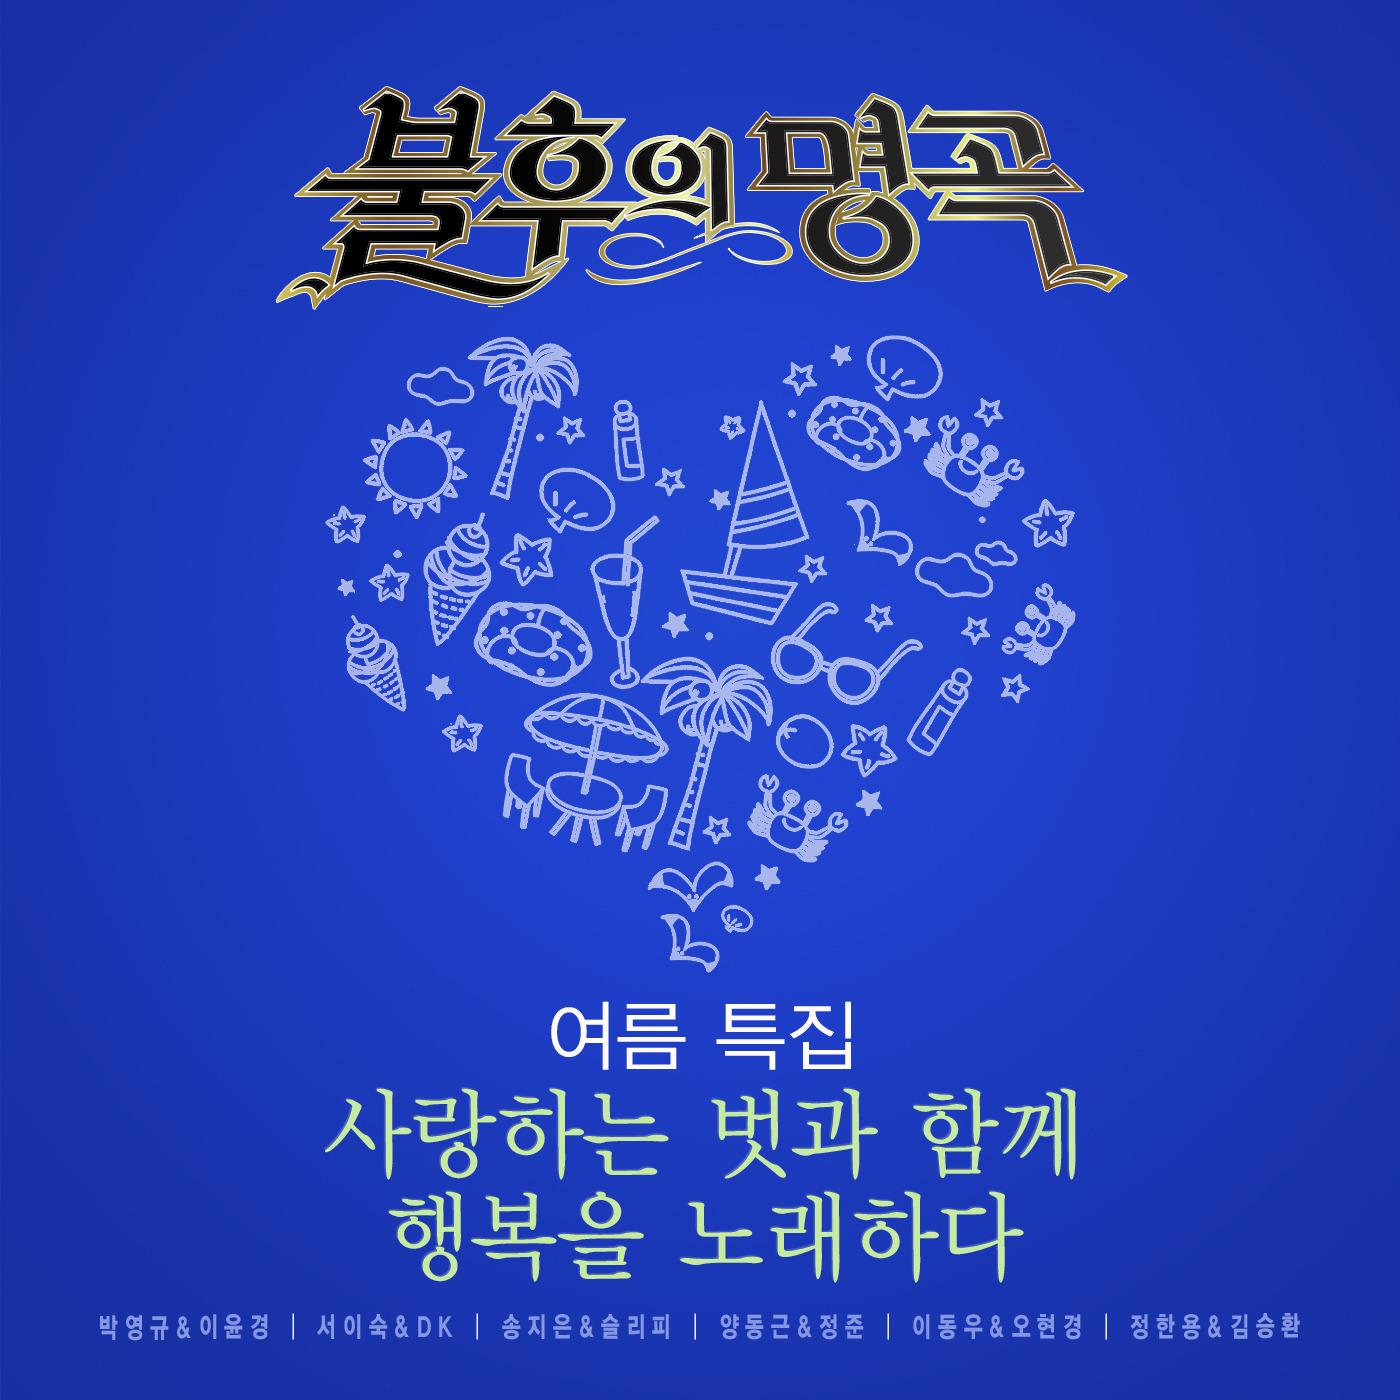 불후의 명곡 – 전설을 노래하다 - 친구와 함께하는 여름특집 앨범정보